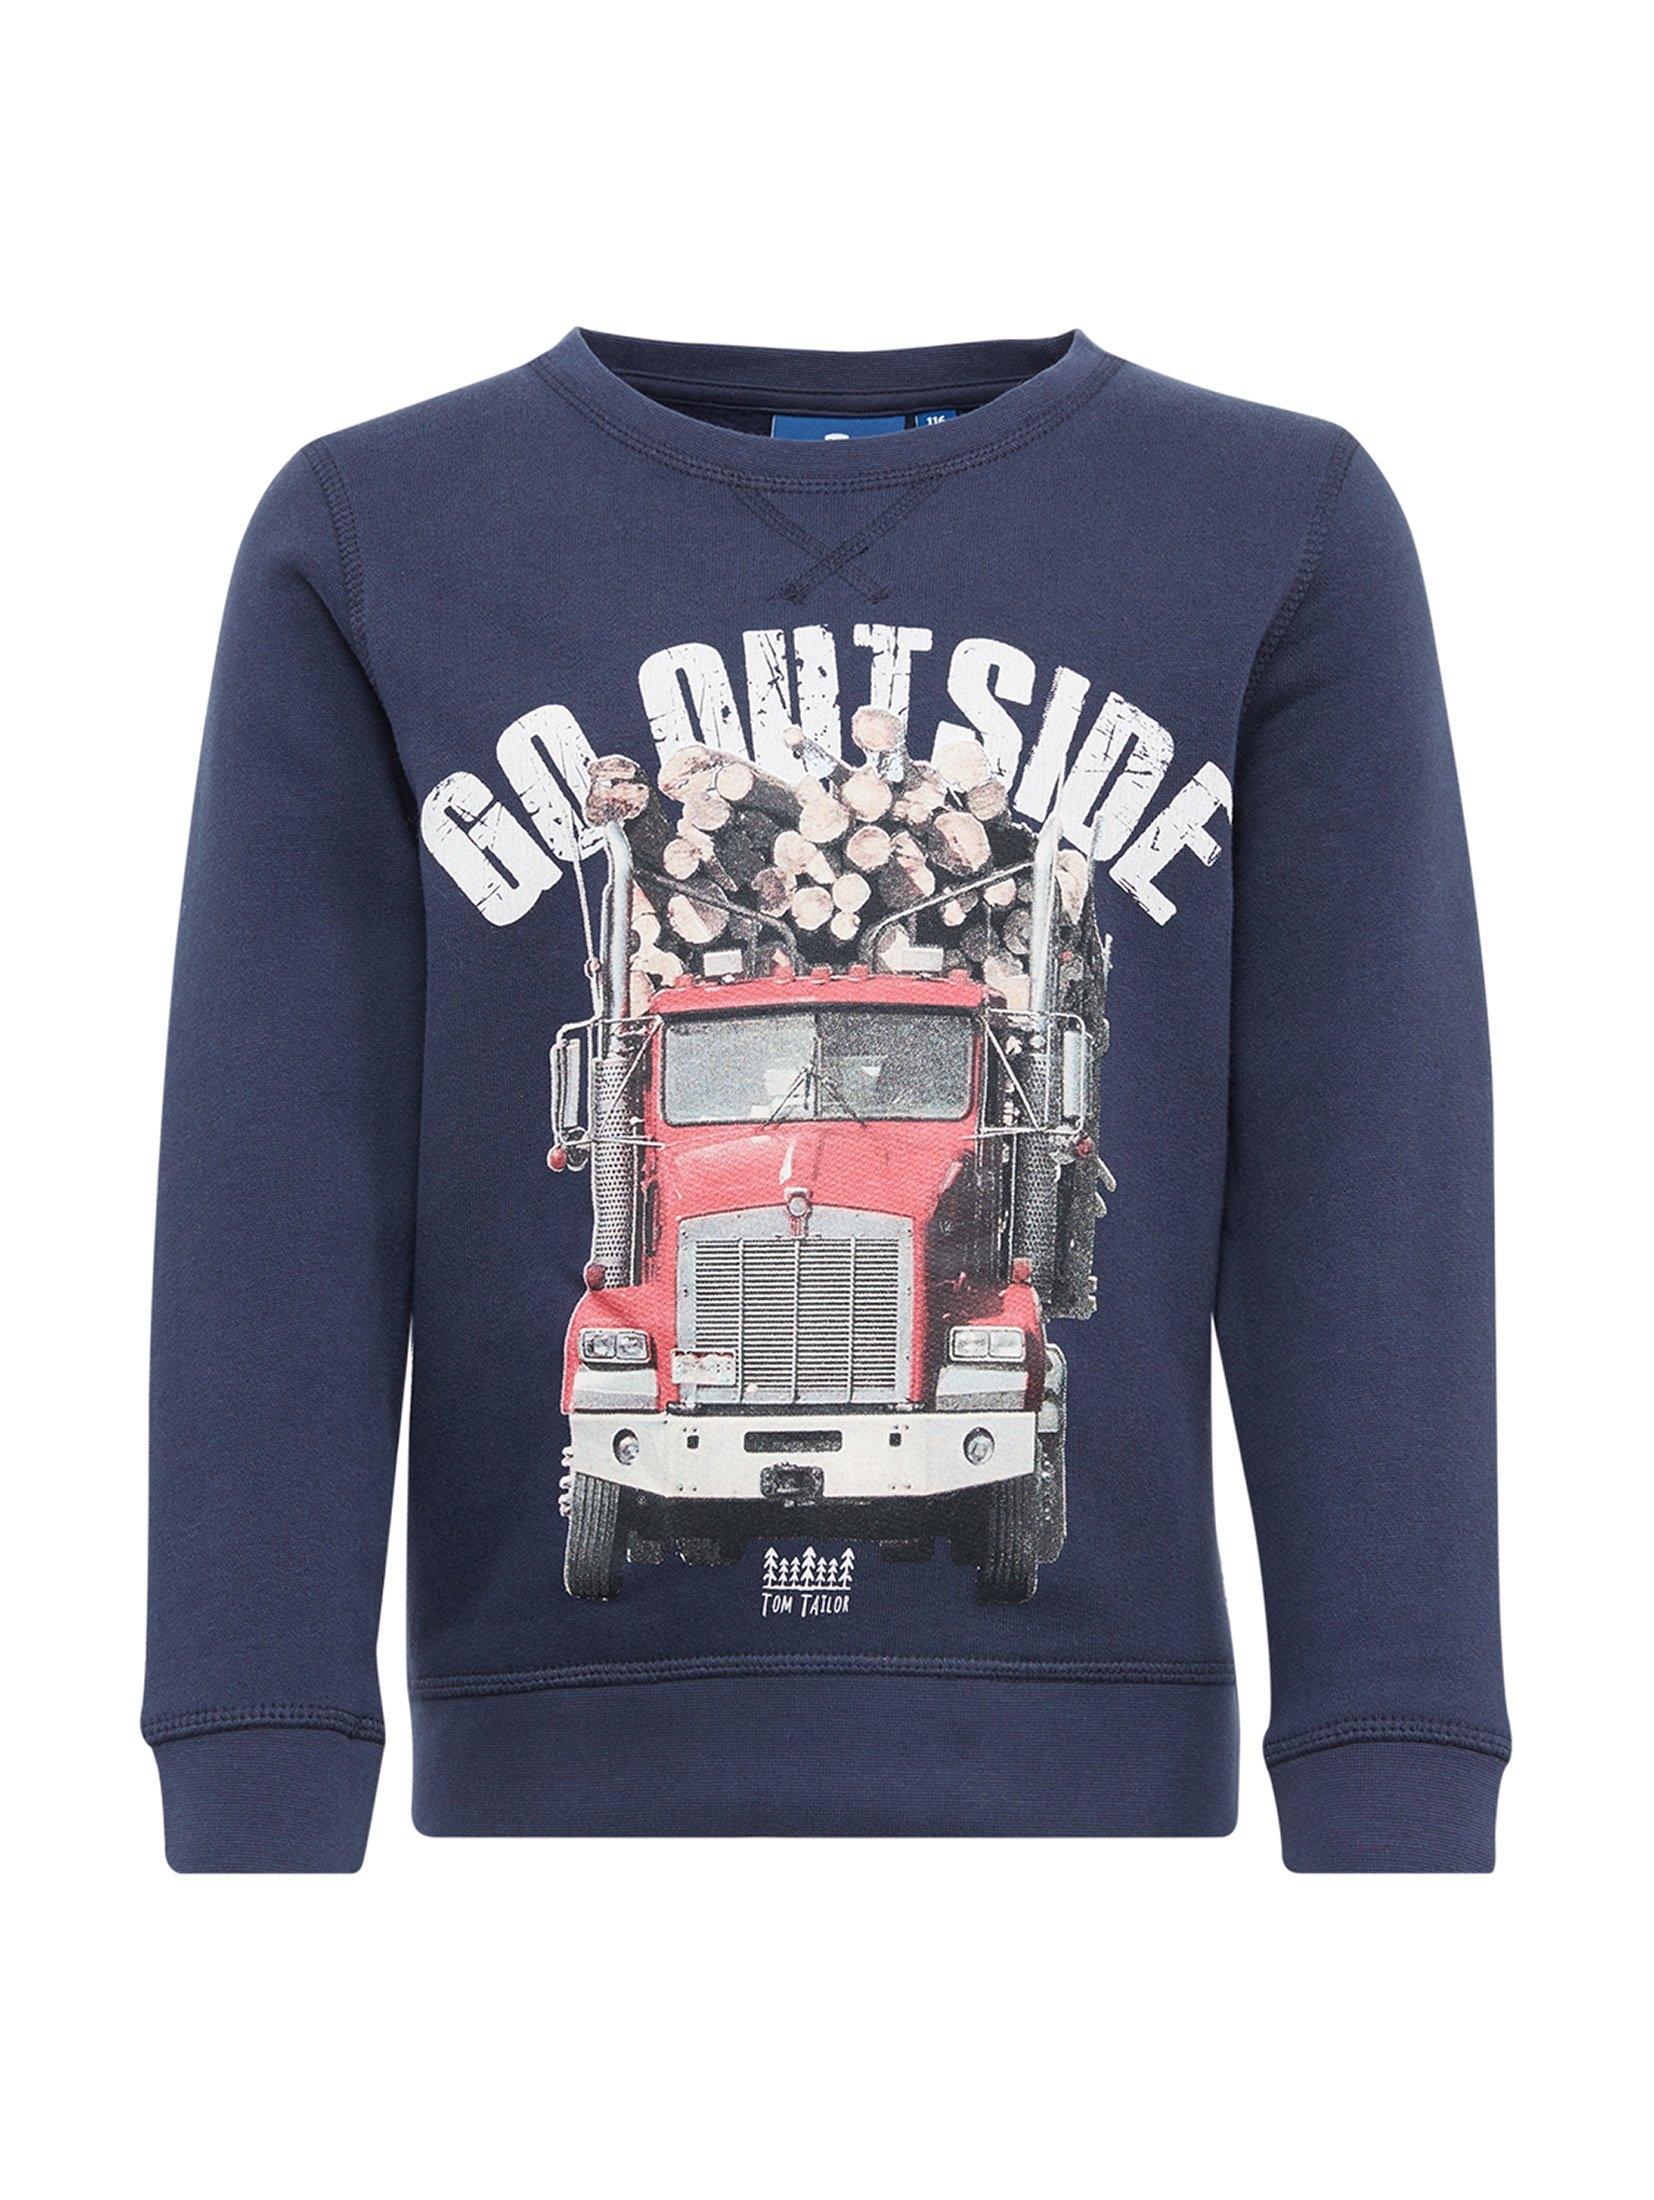 TOM TAILOR sweater »Pullover mit Foto-Print« voordelig en veilig online kopen